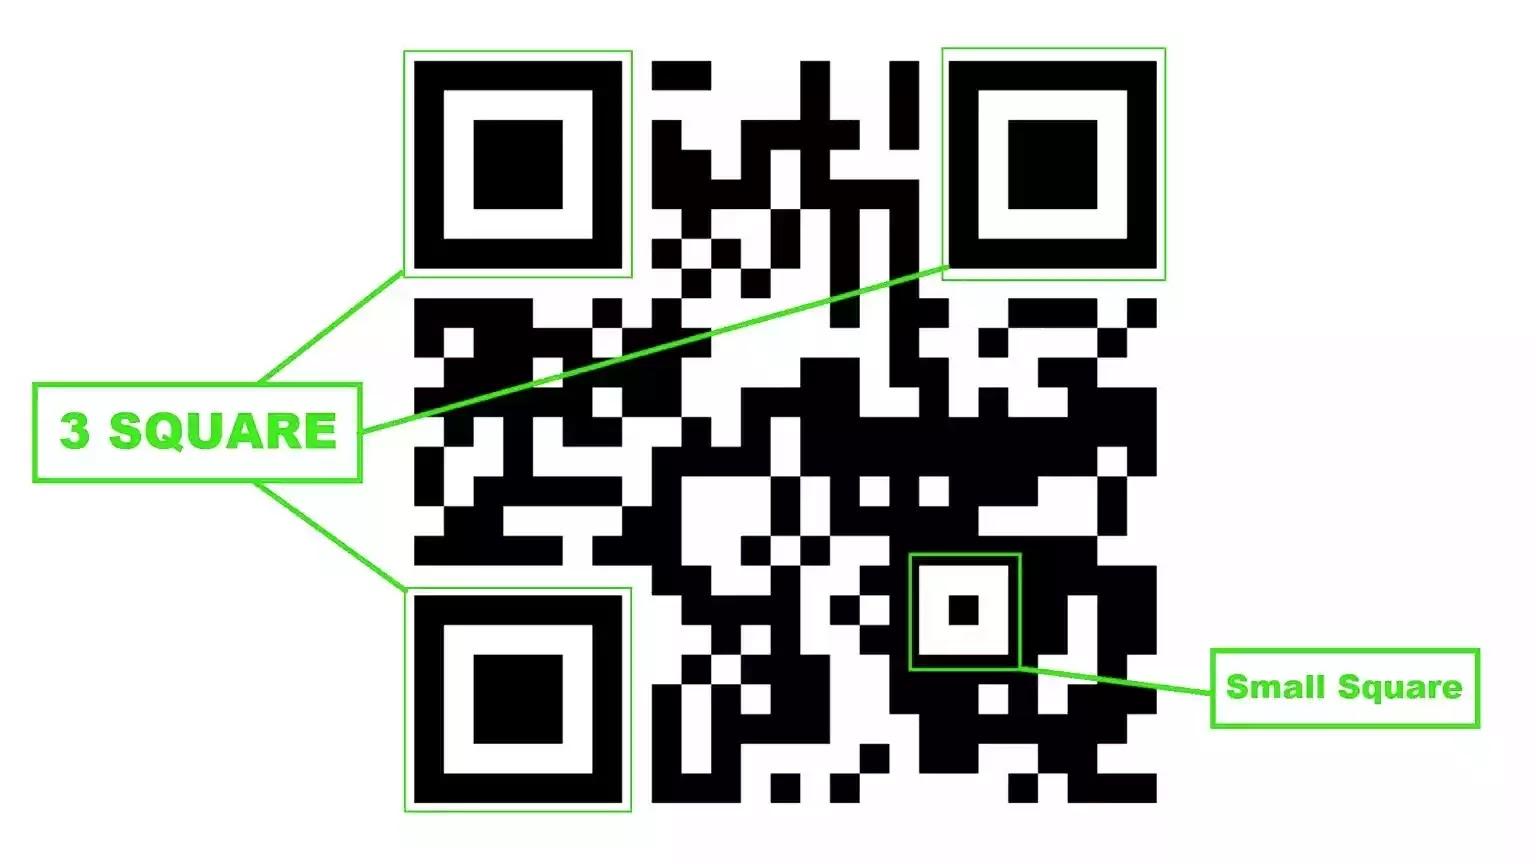 QR Code में 3 Square क्यो होते है?